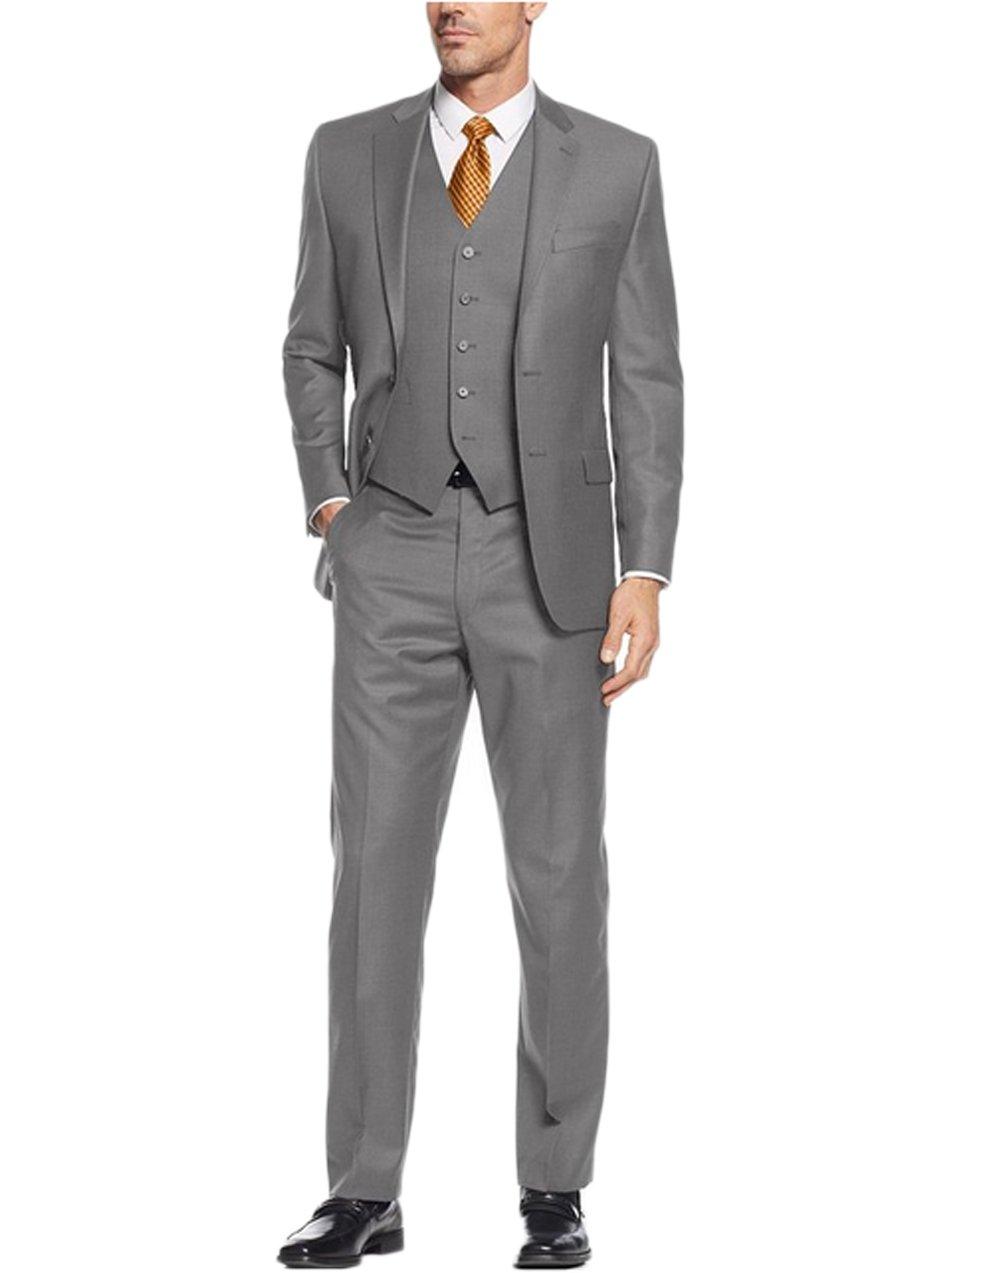 Love Dress Men's Suit 3-Piece Two Button Blazer Jacket Flat Front Pants Gray 5XL